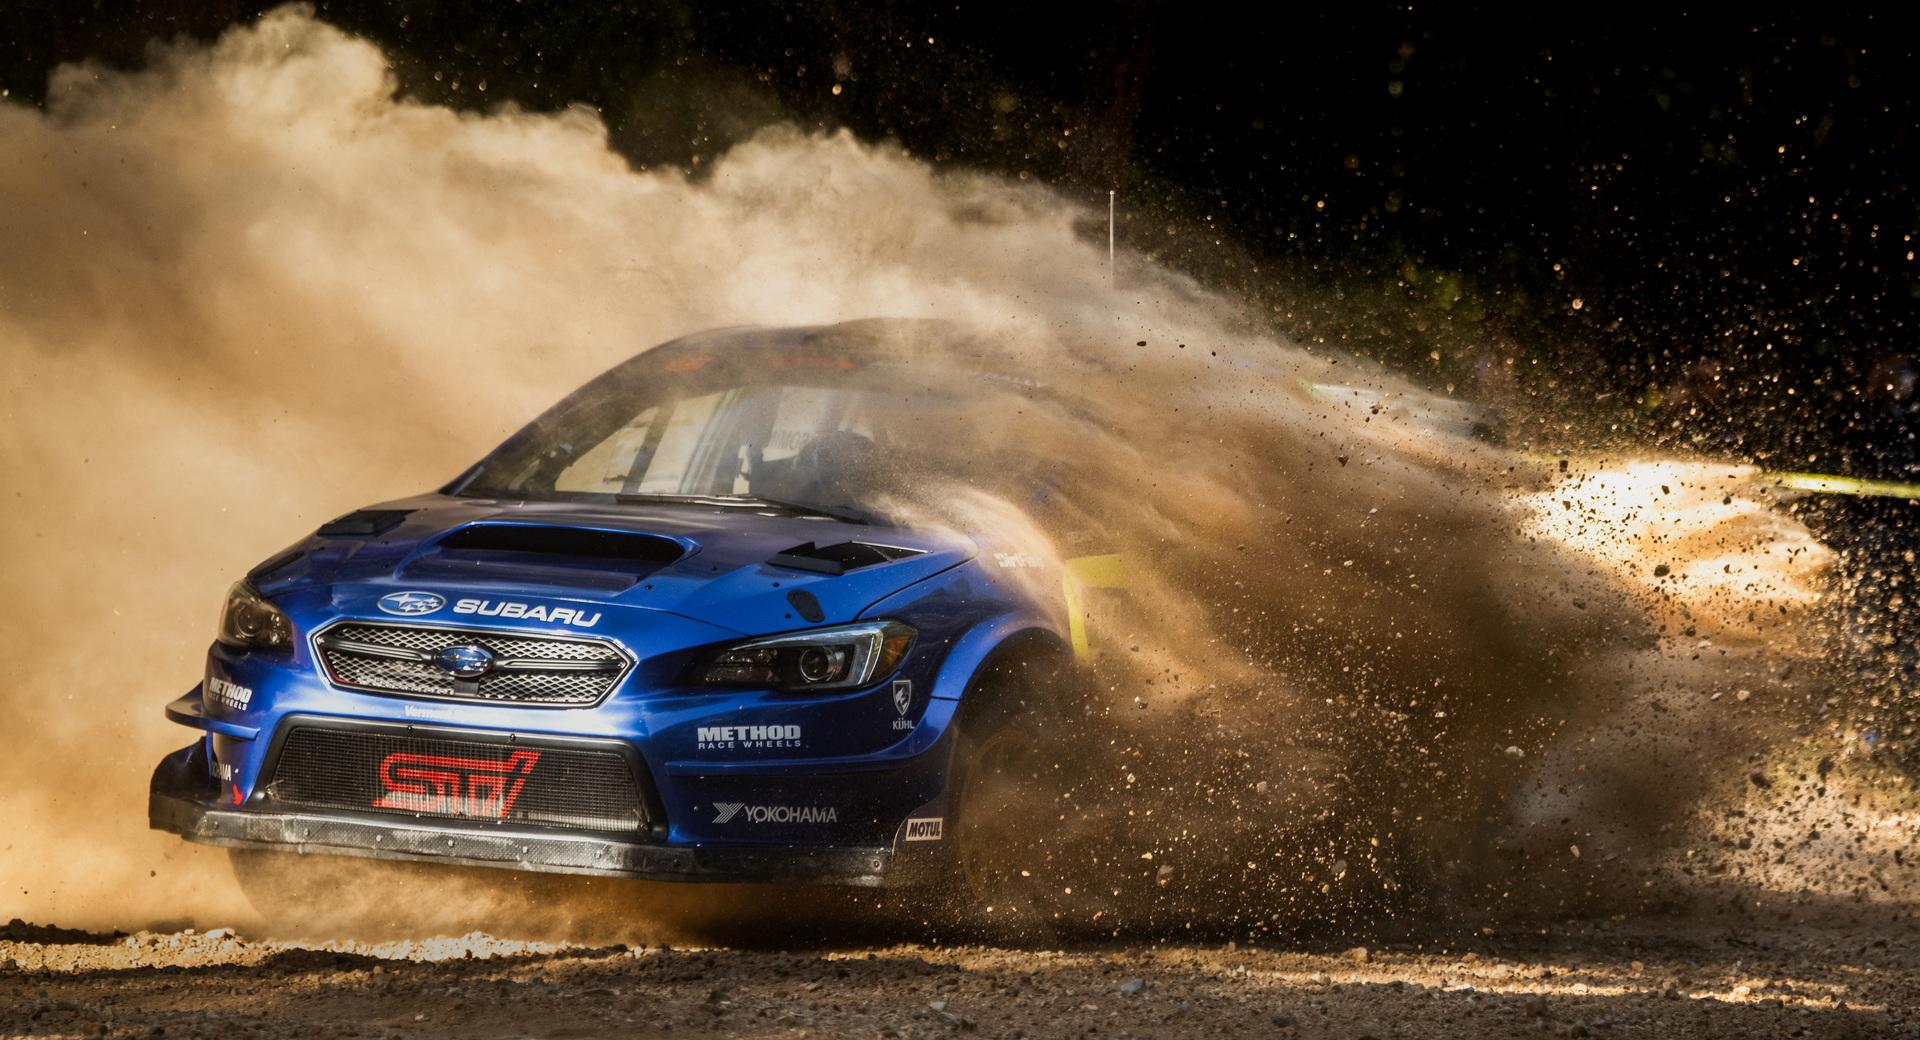 Nowy wyczynowy model Subaru i Toyoty?